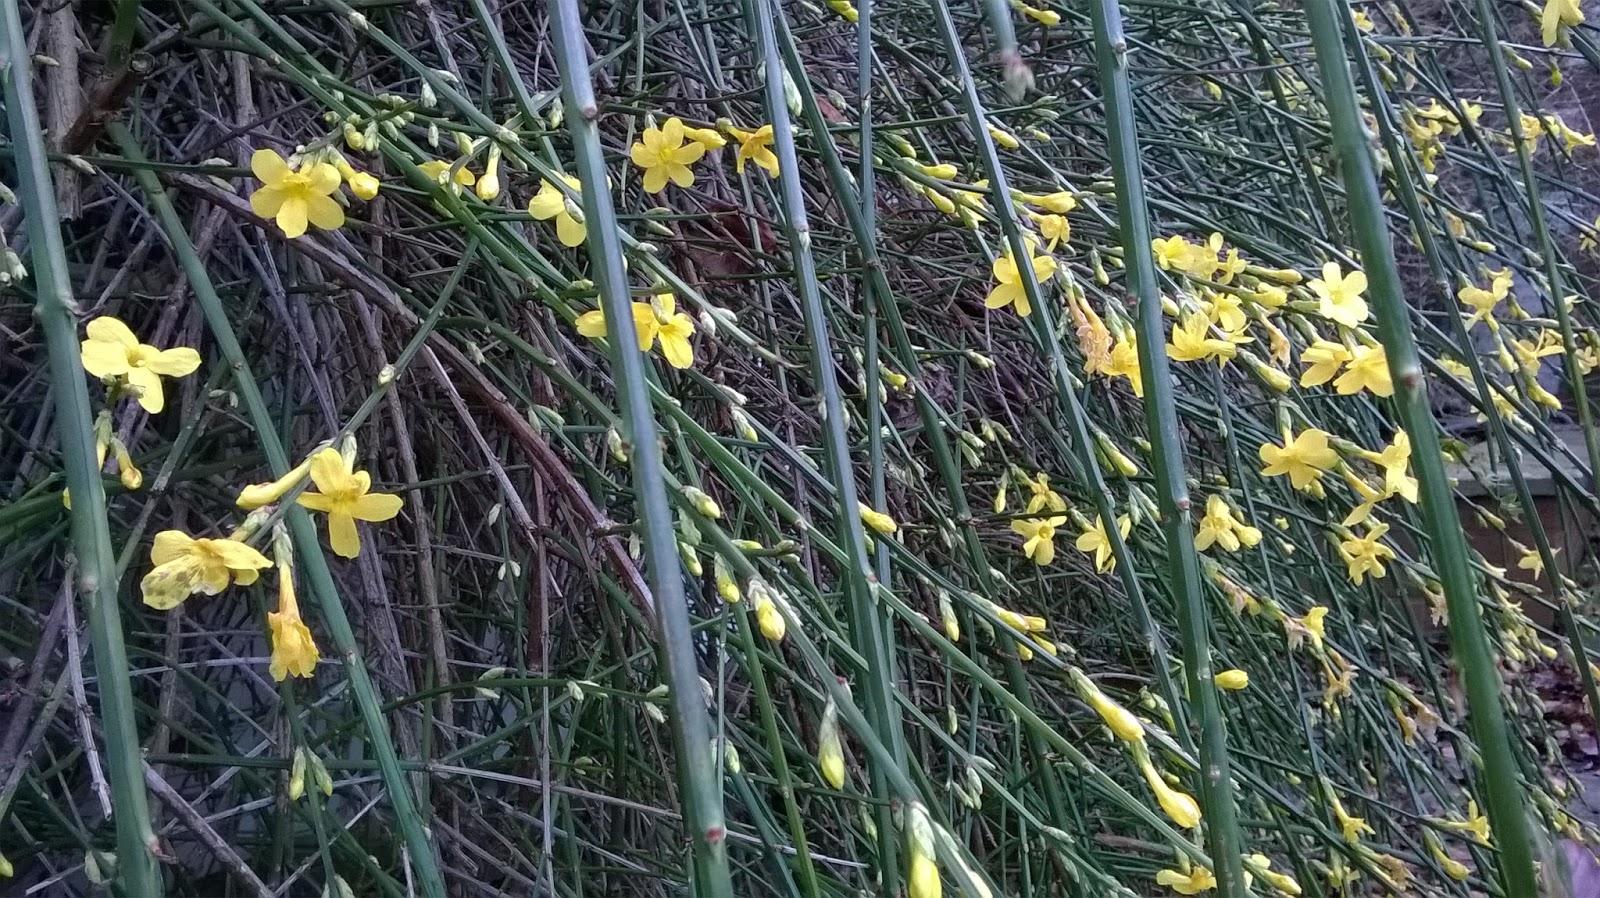 Life between the flowers jasminum nudiflorum winter jasmine yellow picture of yellow flowers in winter jasmine climber life between the flowers izmirmasajfo Image collections